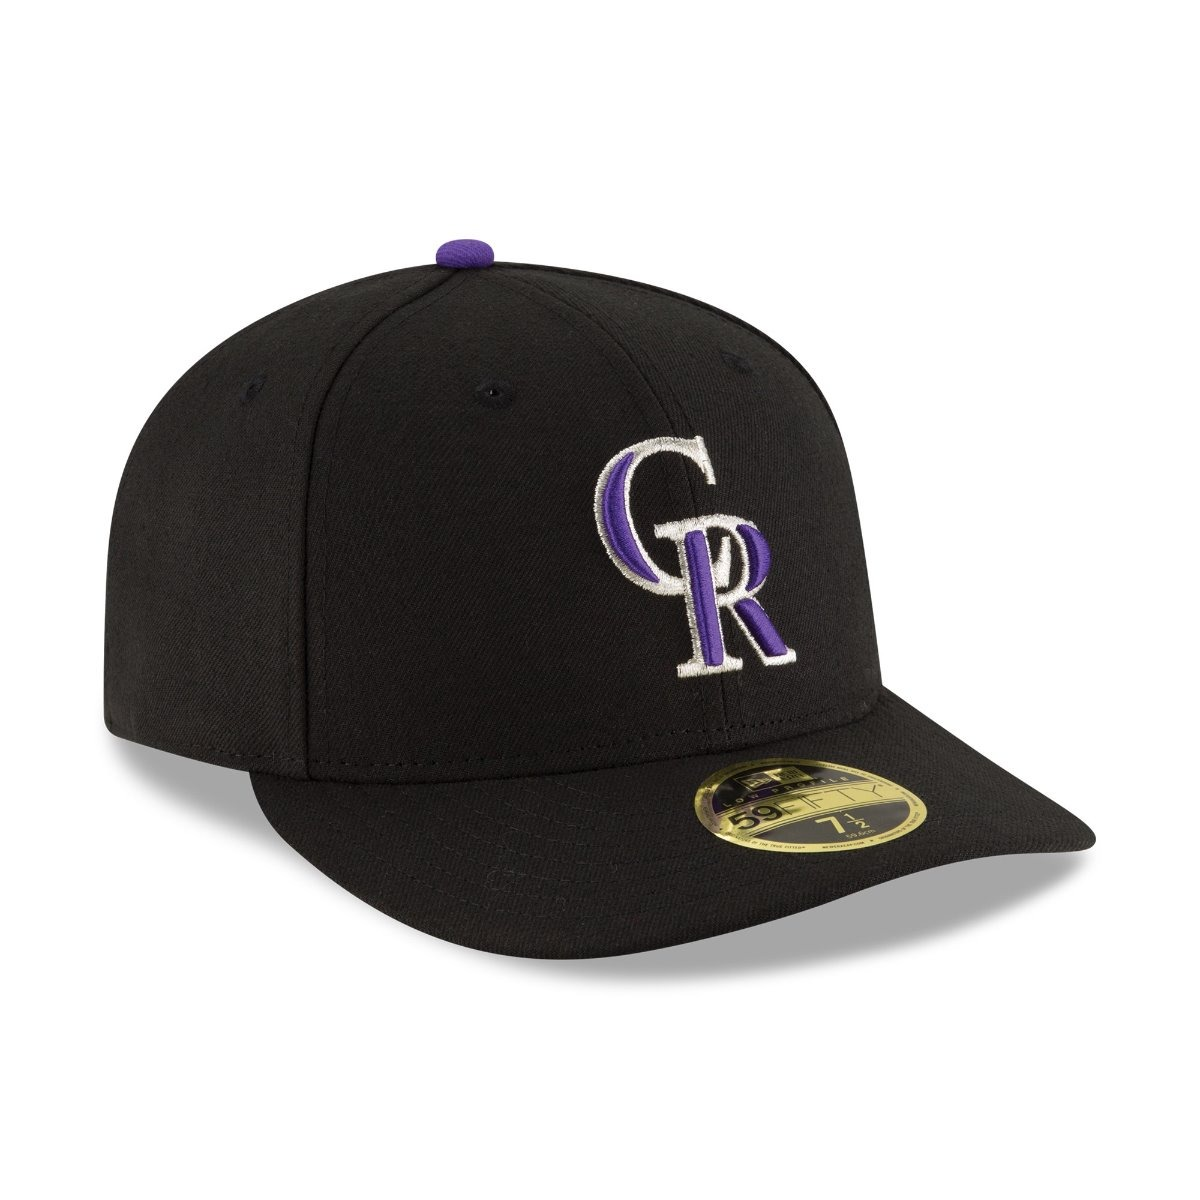 Gorra Rockies Colorado Mlb Baseball Niño Envio Gratis -   449.00 en ... aca24f64fca